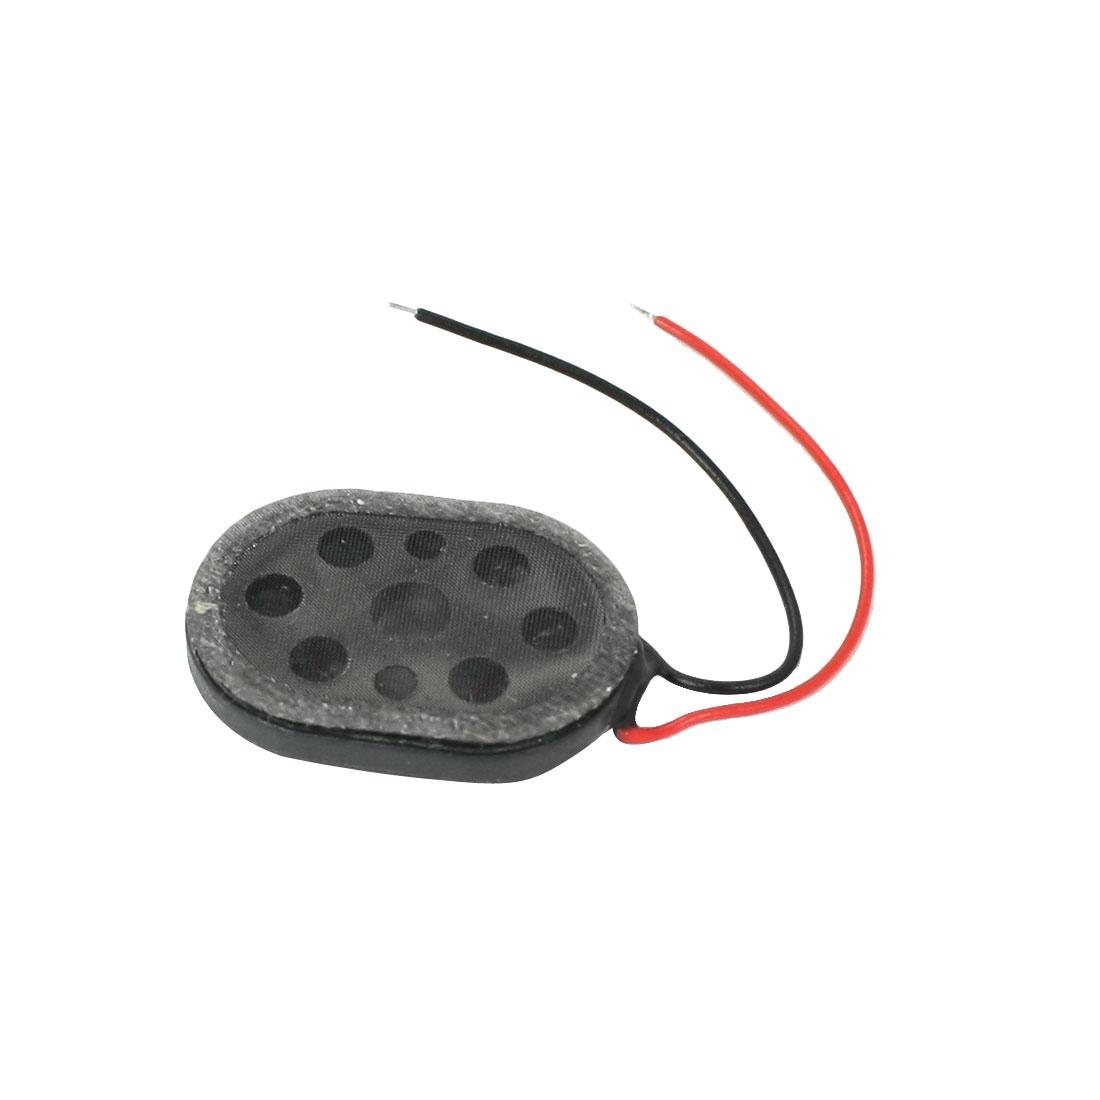 Musical 8 Ohm 1 Watt Magnet Speakers Amplifier Horn for PC